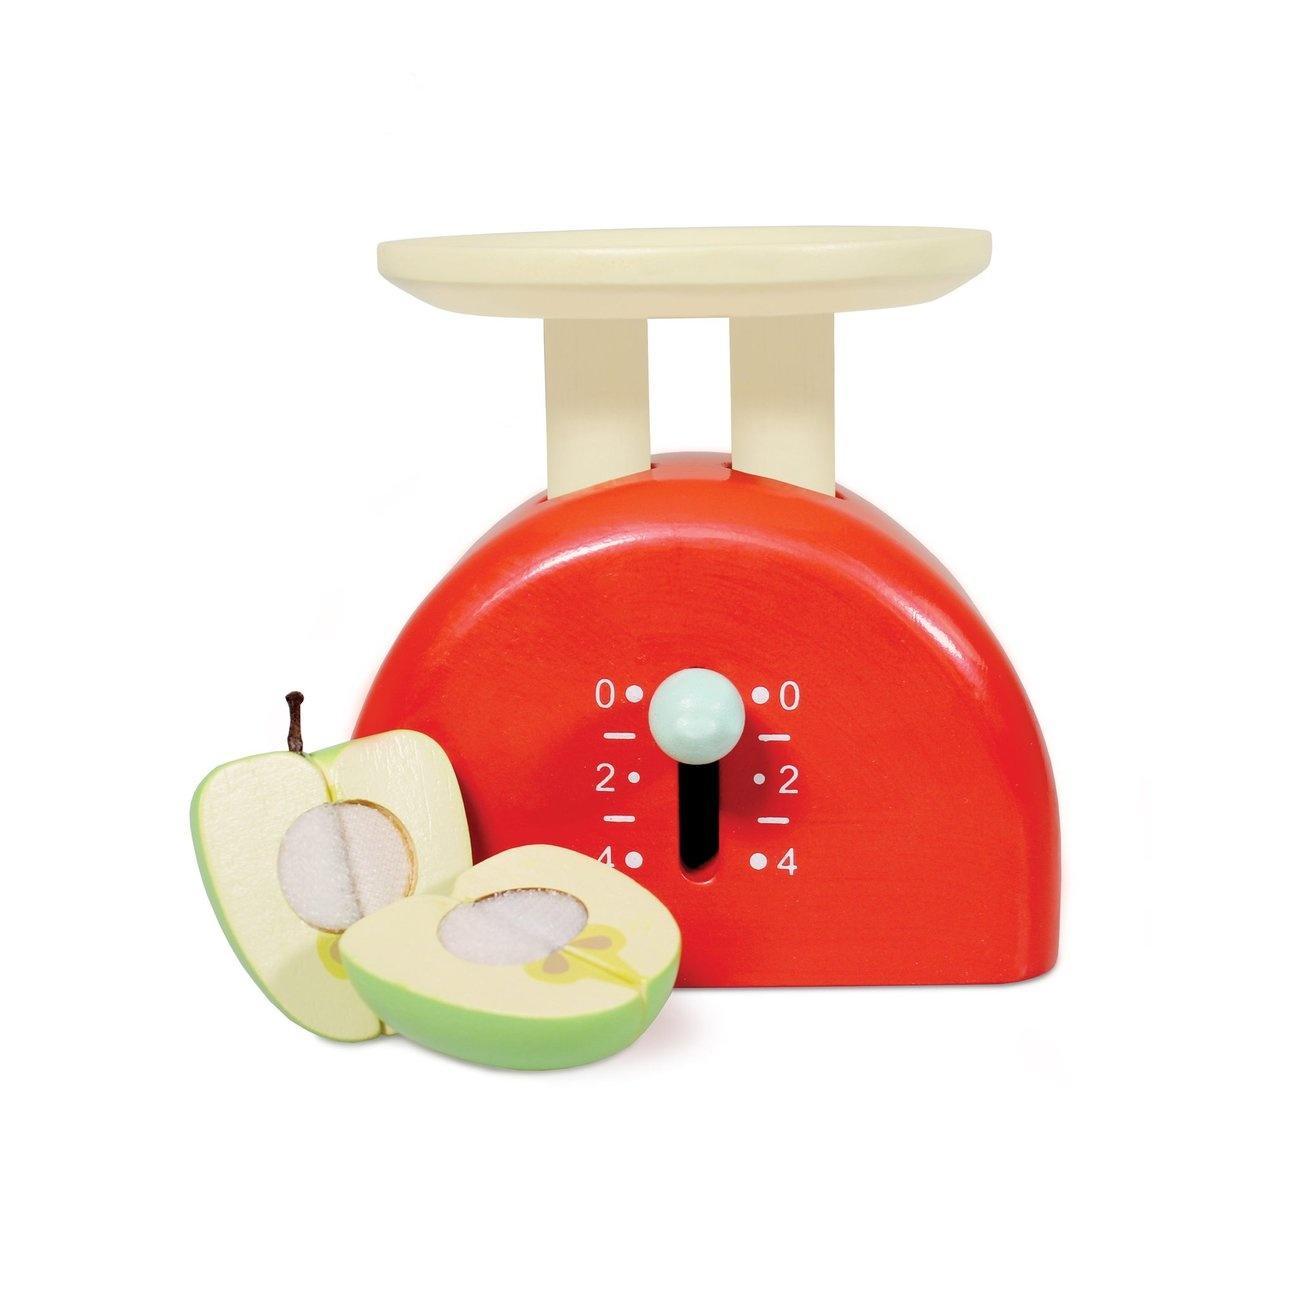 Le Toy Van Weighing Scales